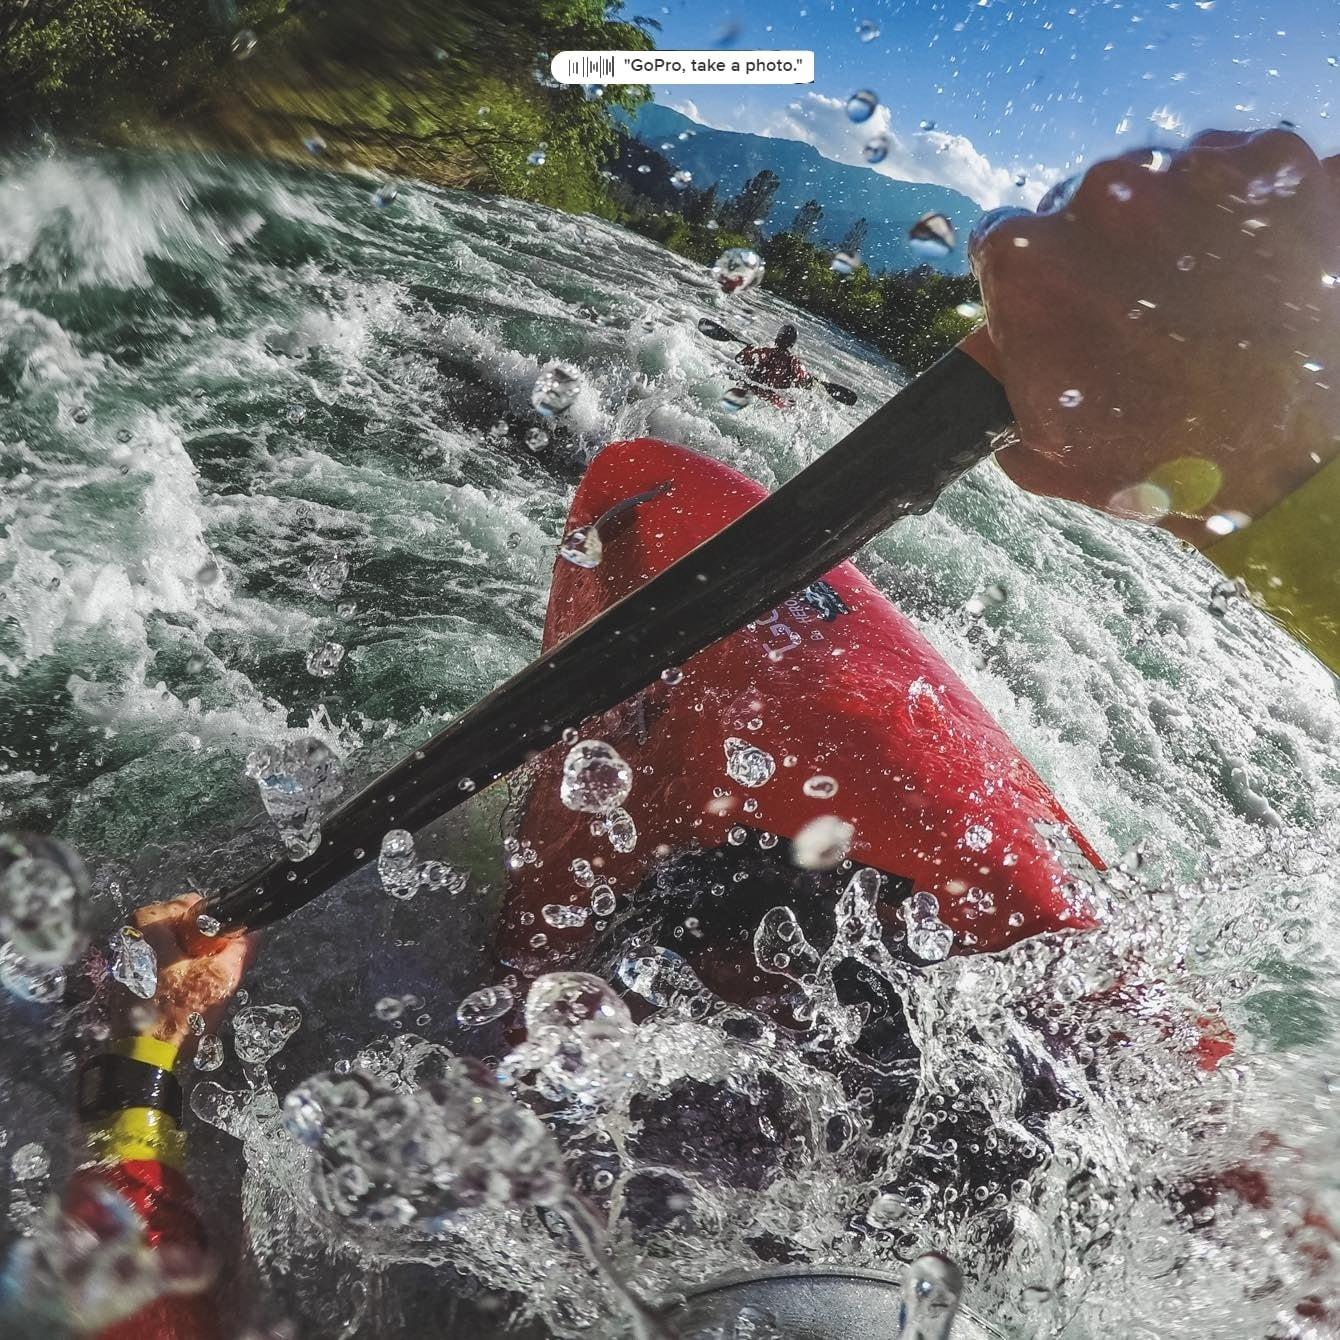 Máy Quay Phim GoPro Hero 7 Chất Lượng Tốt Nhất